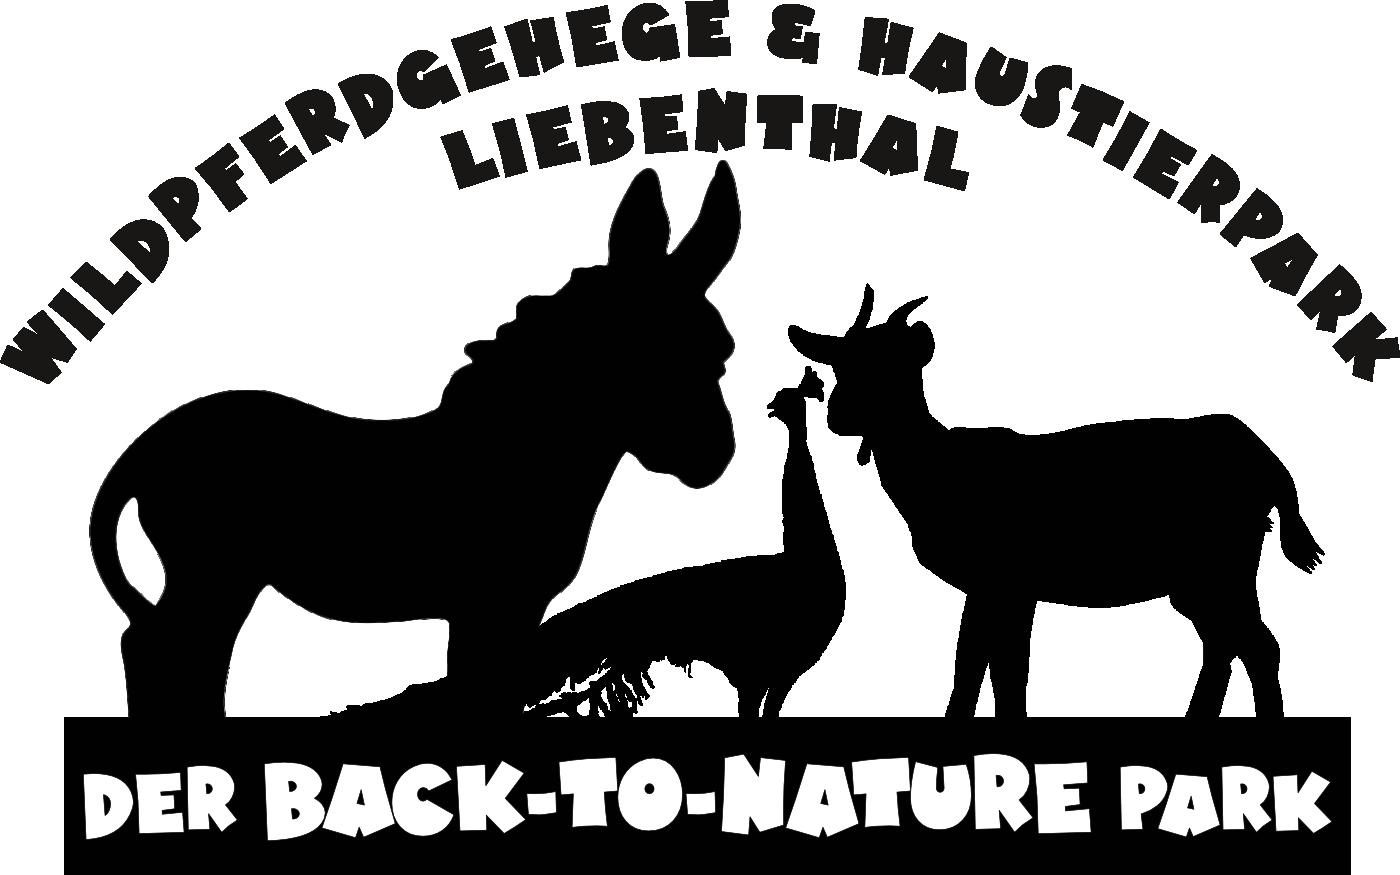 Wildpferdgehege & Haustierpark Liebenthal